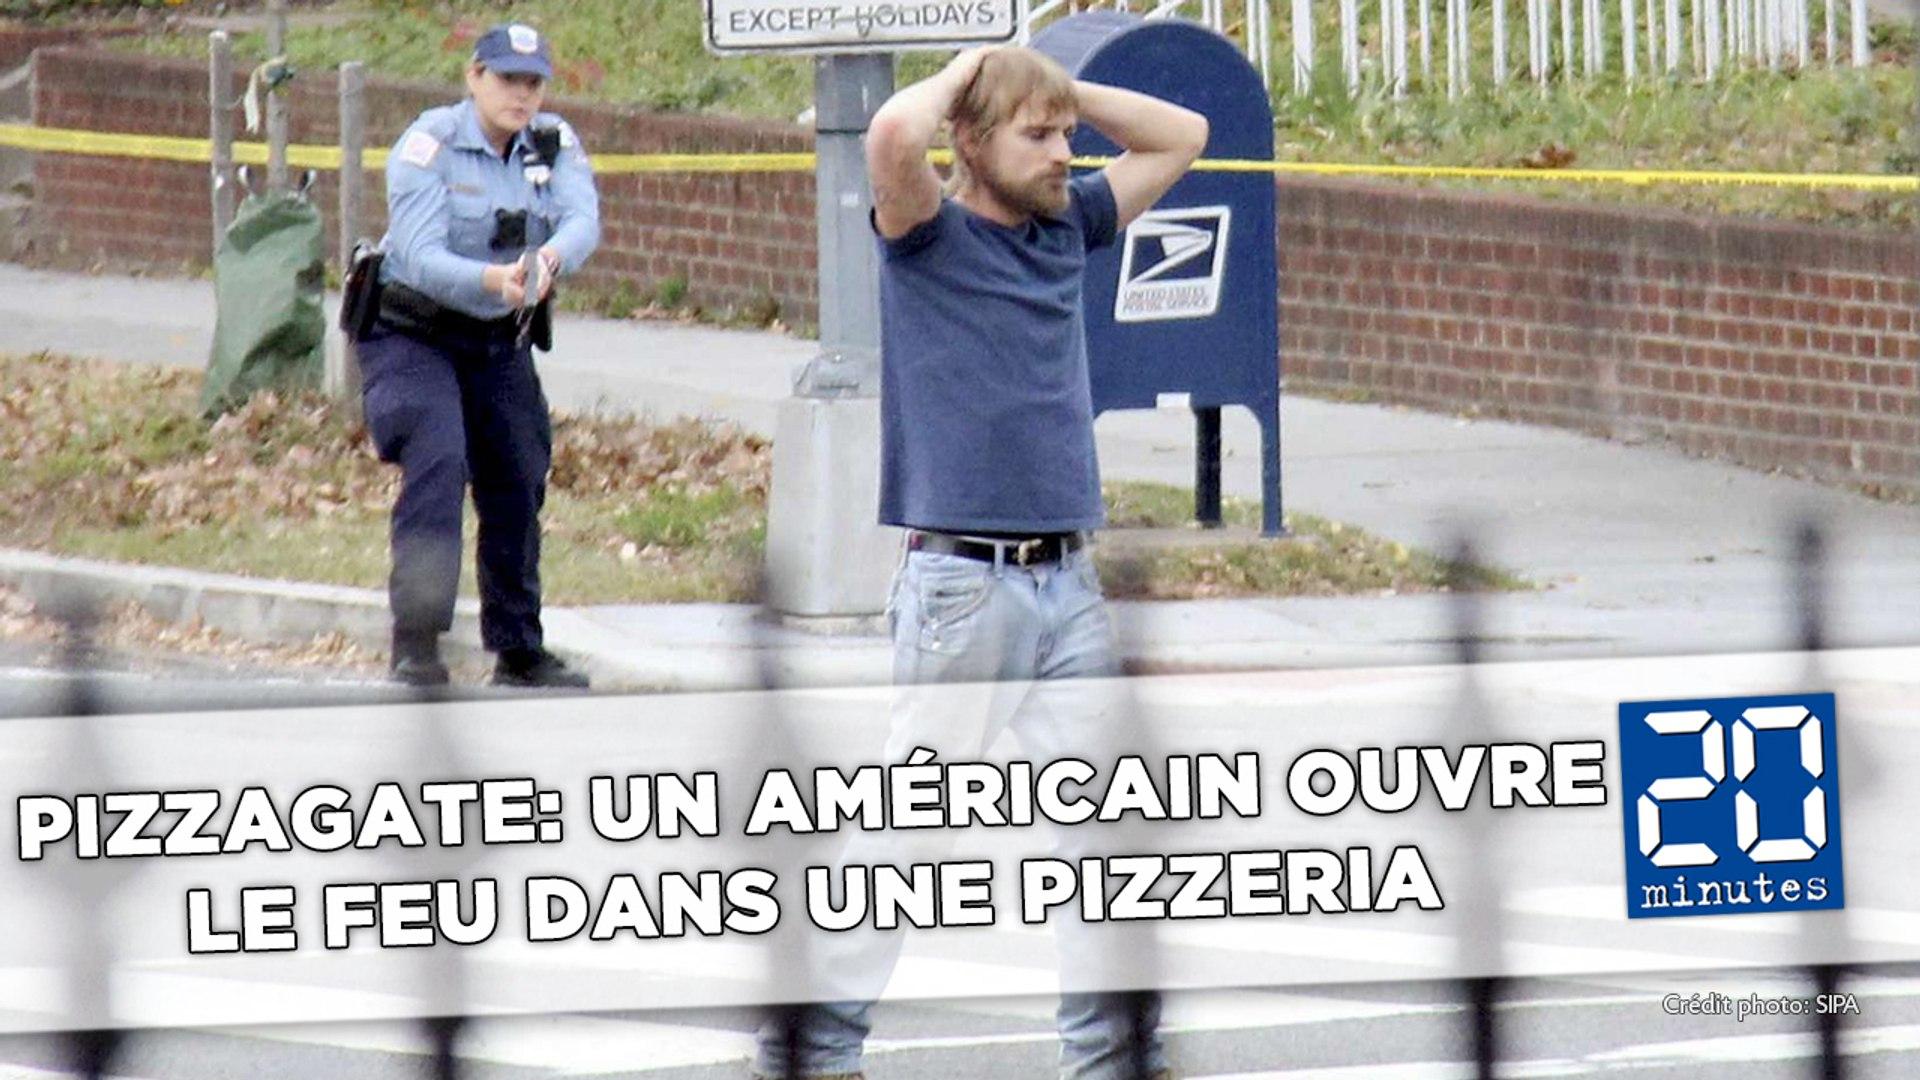 Pizzagate: Un Américain venu «enquêter», ouvre le feu dans le restaurant